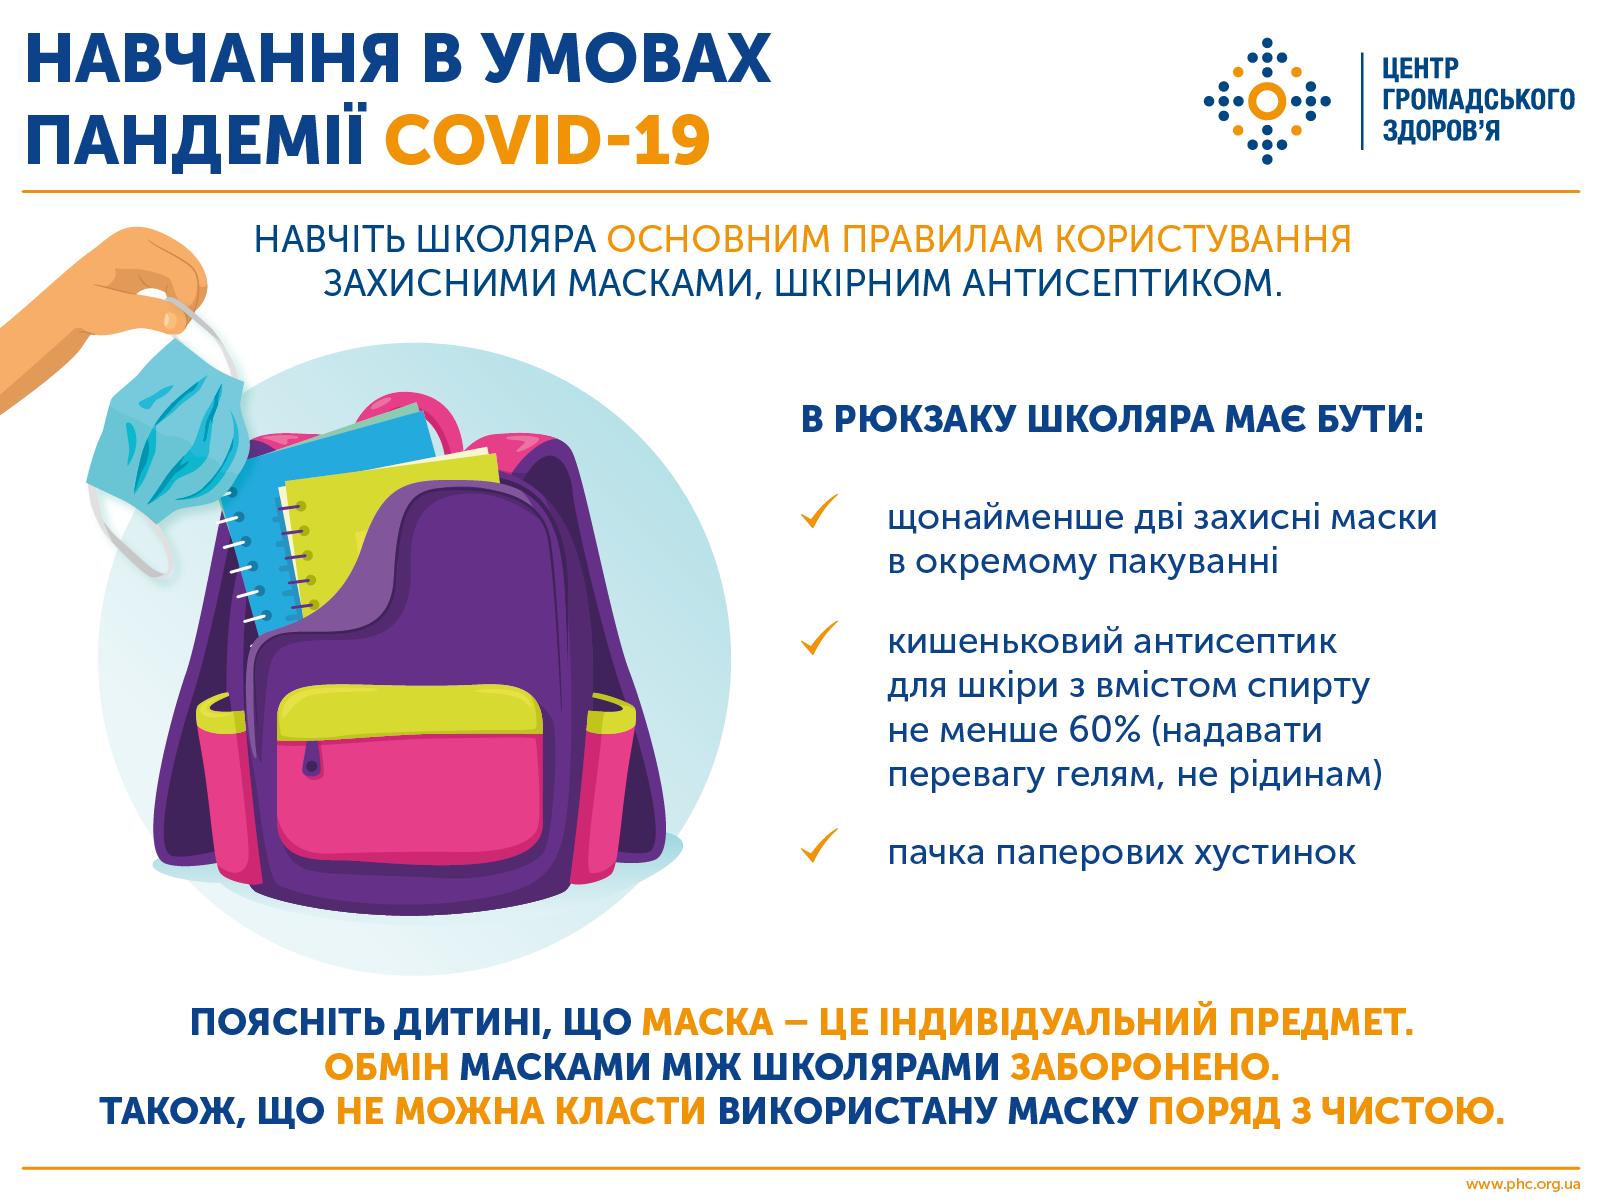 інфографіка що має бути в рюкзаку школяра для безпечного навчання під час COVID-19